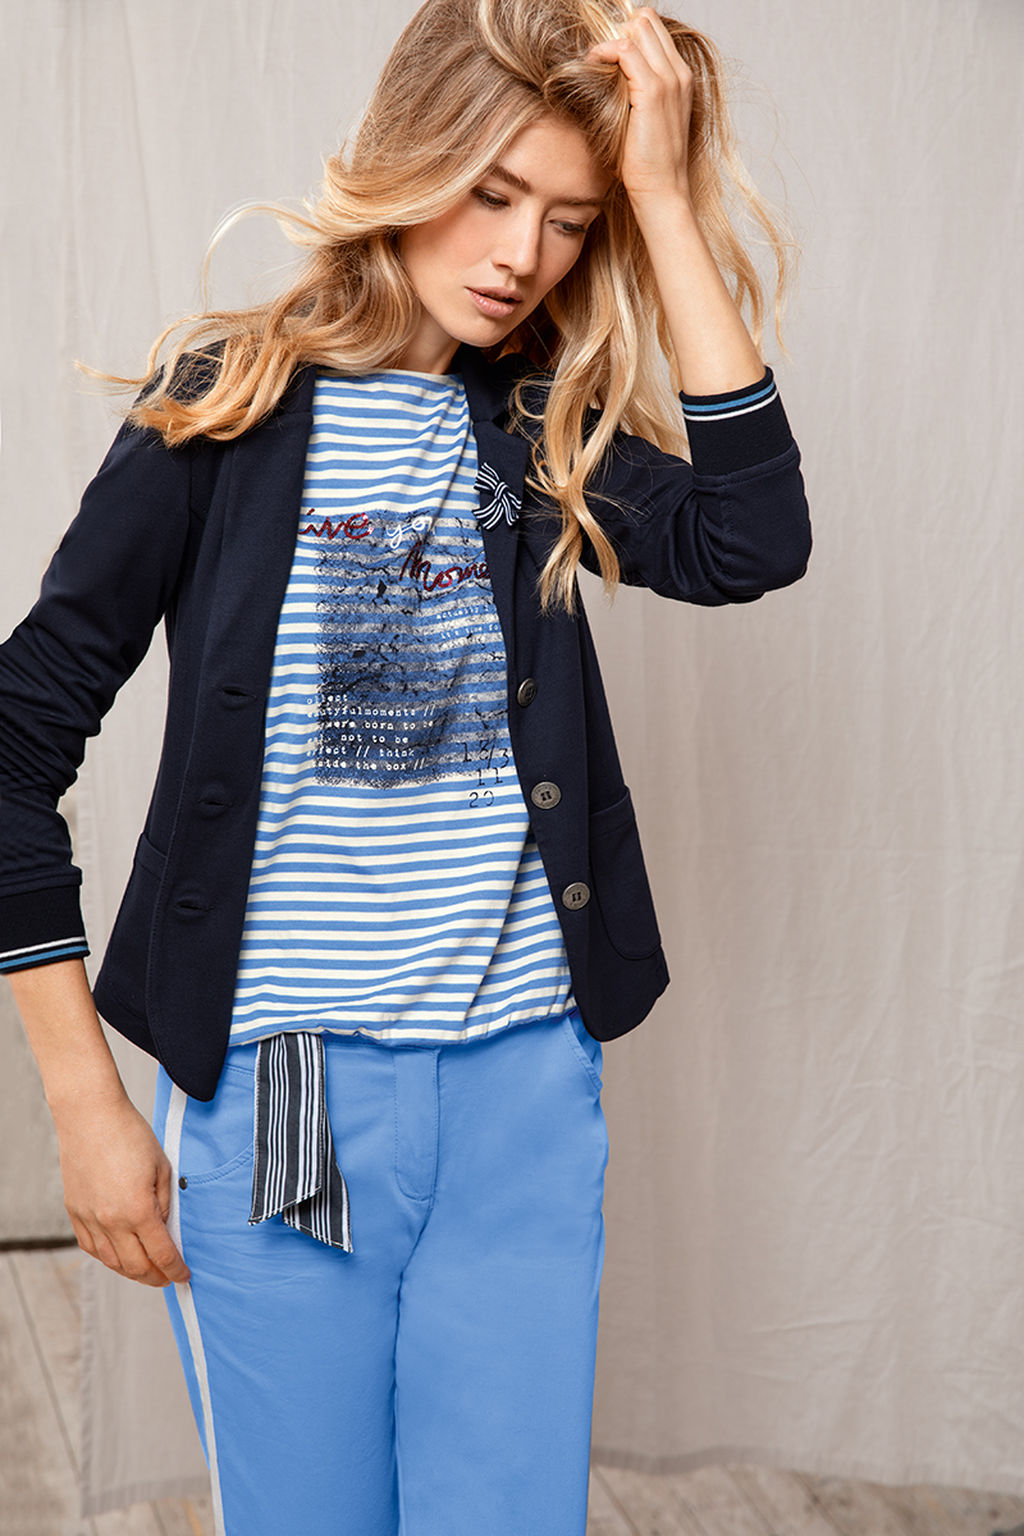 Jeans & Moden Katrin Meyer